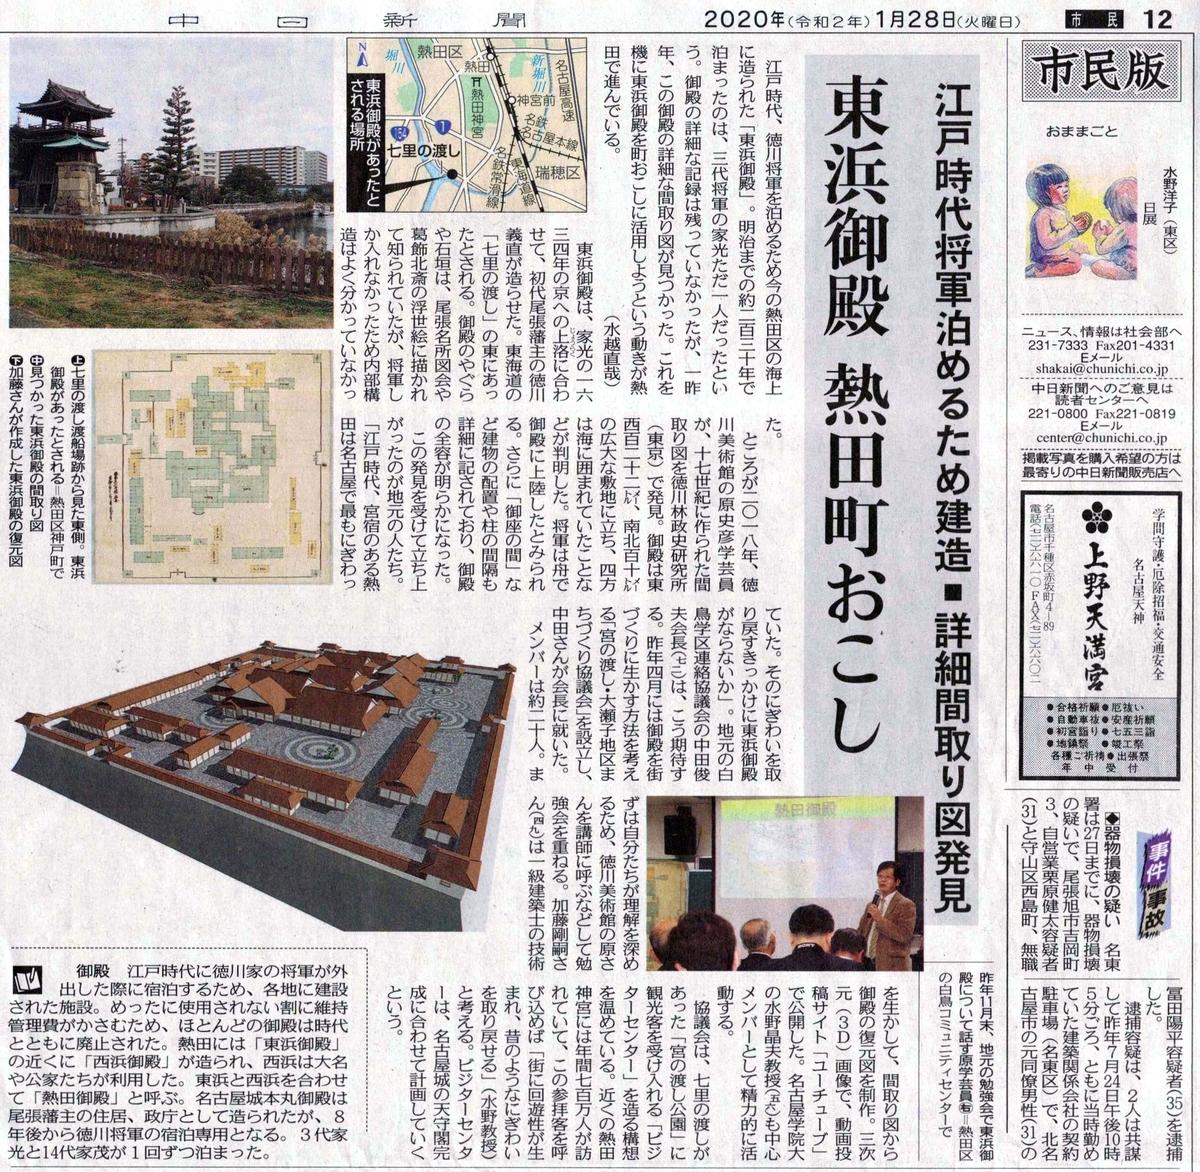 2020年1月28日 中日新聞 市民版 東浜御殿 熱田町おこし